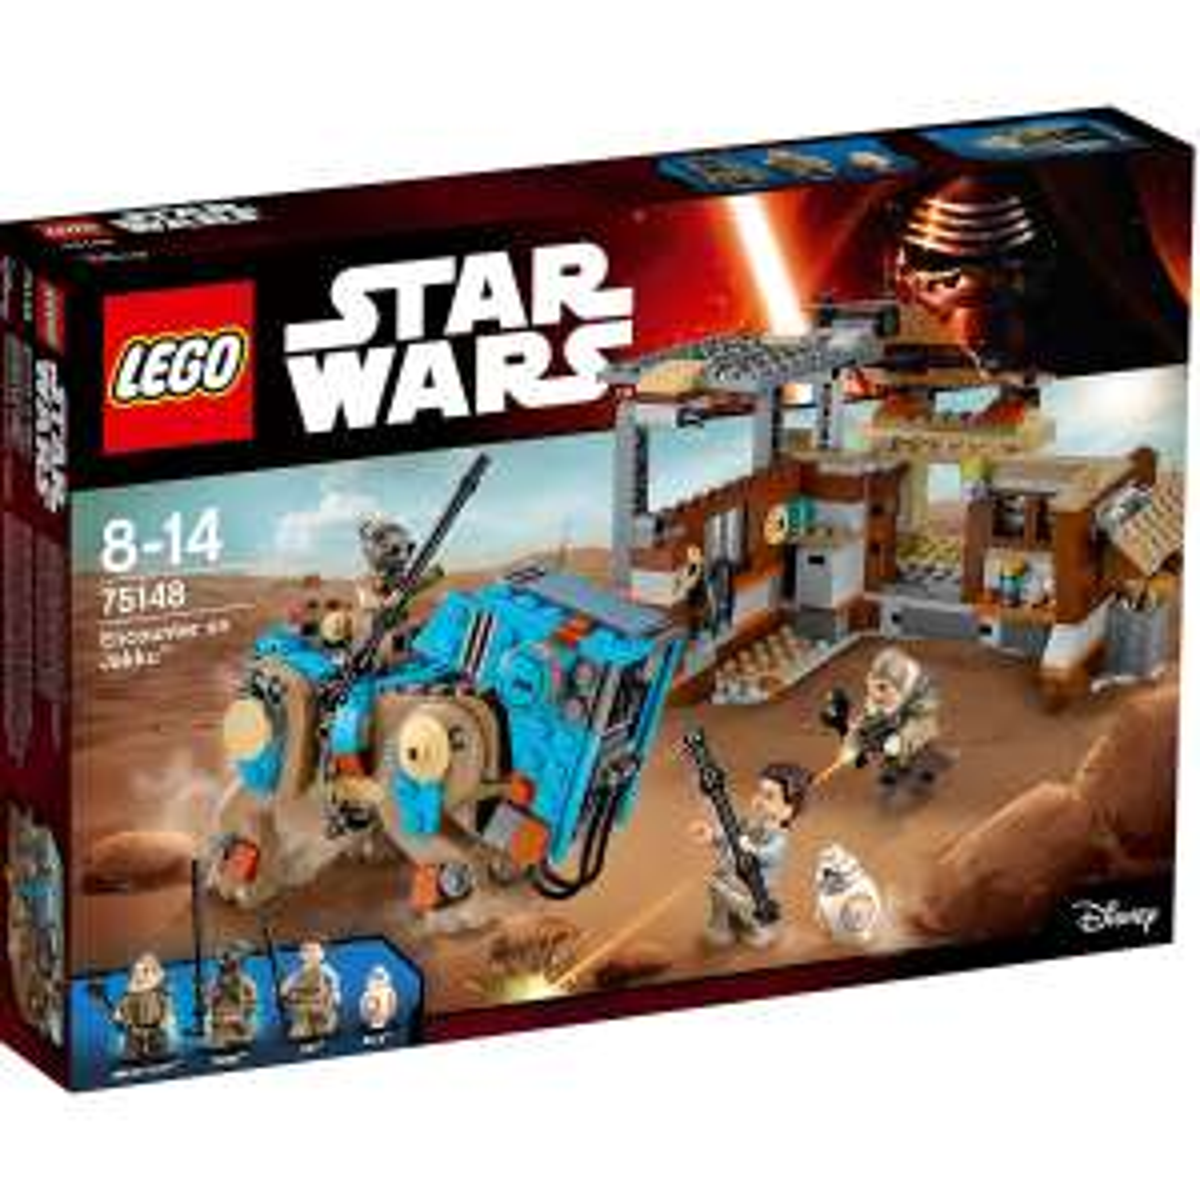 Karstadt online | LEGO® Star Wars™ Confidential_Retail 5 75148 statt für 59,99 jetzt für 39,99. Entspricht 33% oder 20 € Rabatt